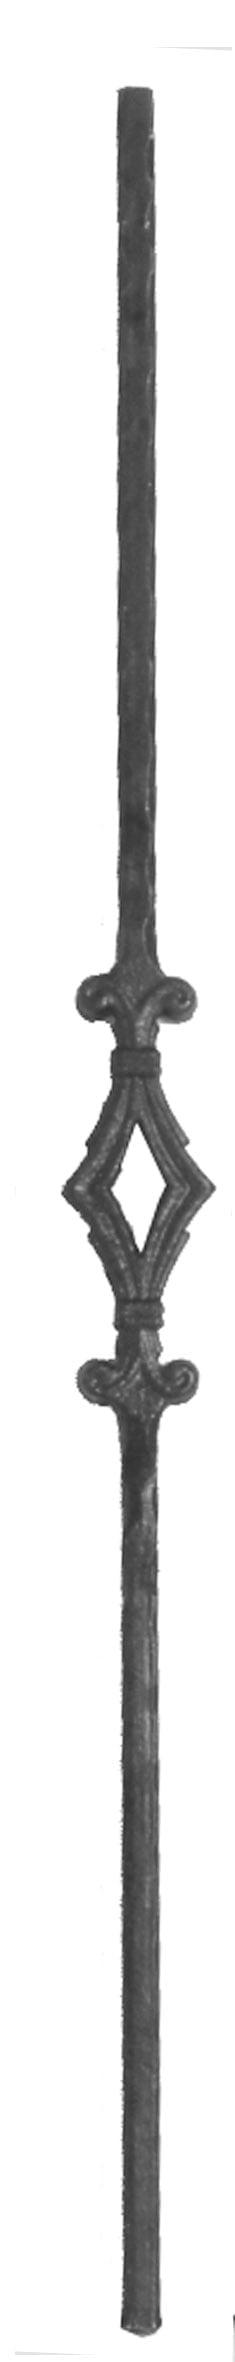 Κολωνάκι με διπλό κόμπο ρόμβο από τετράγωνο μασίφ σίδερο.